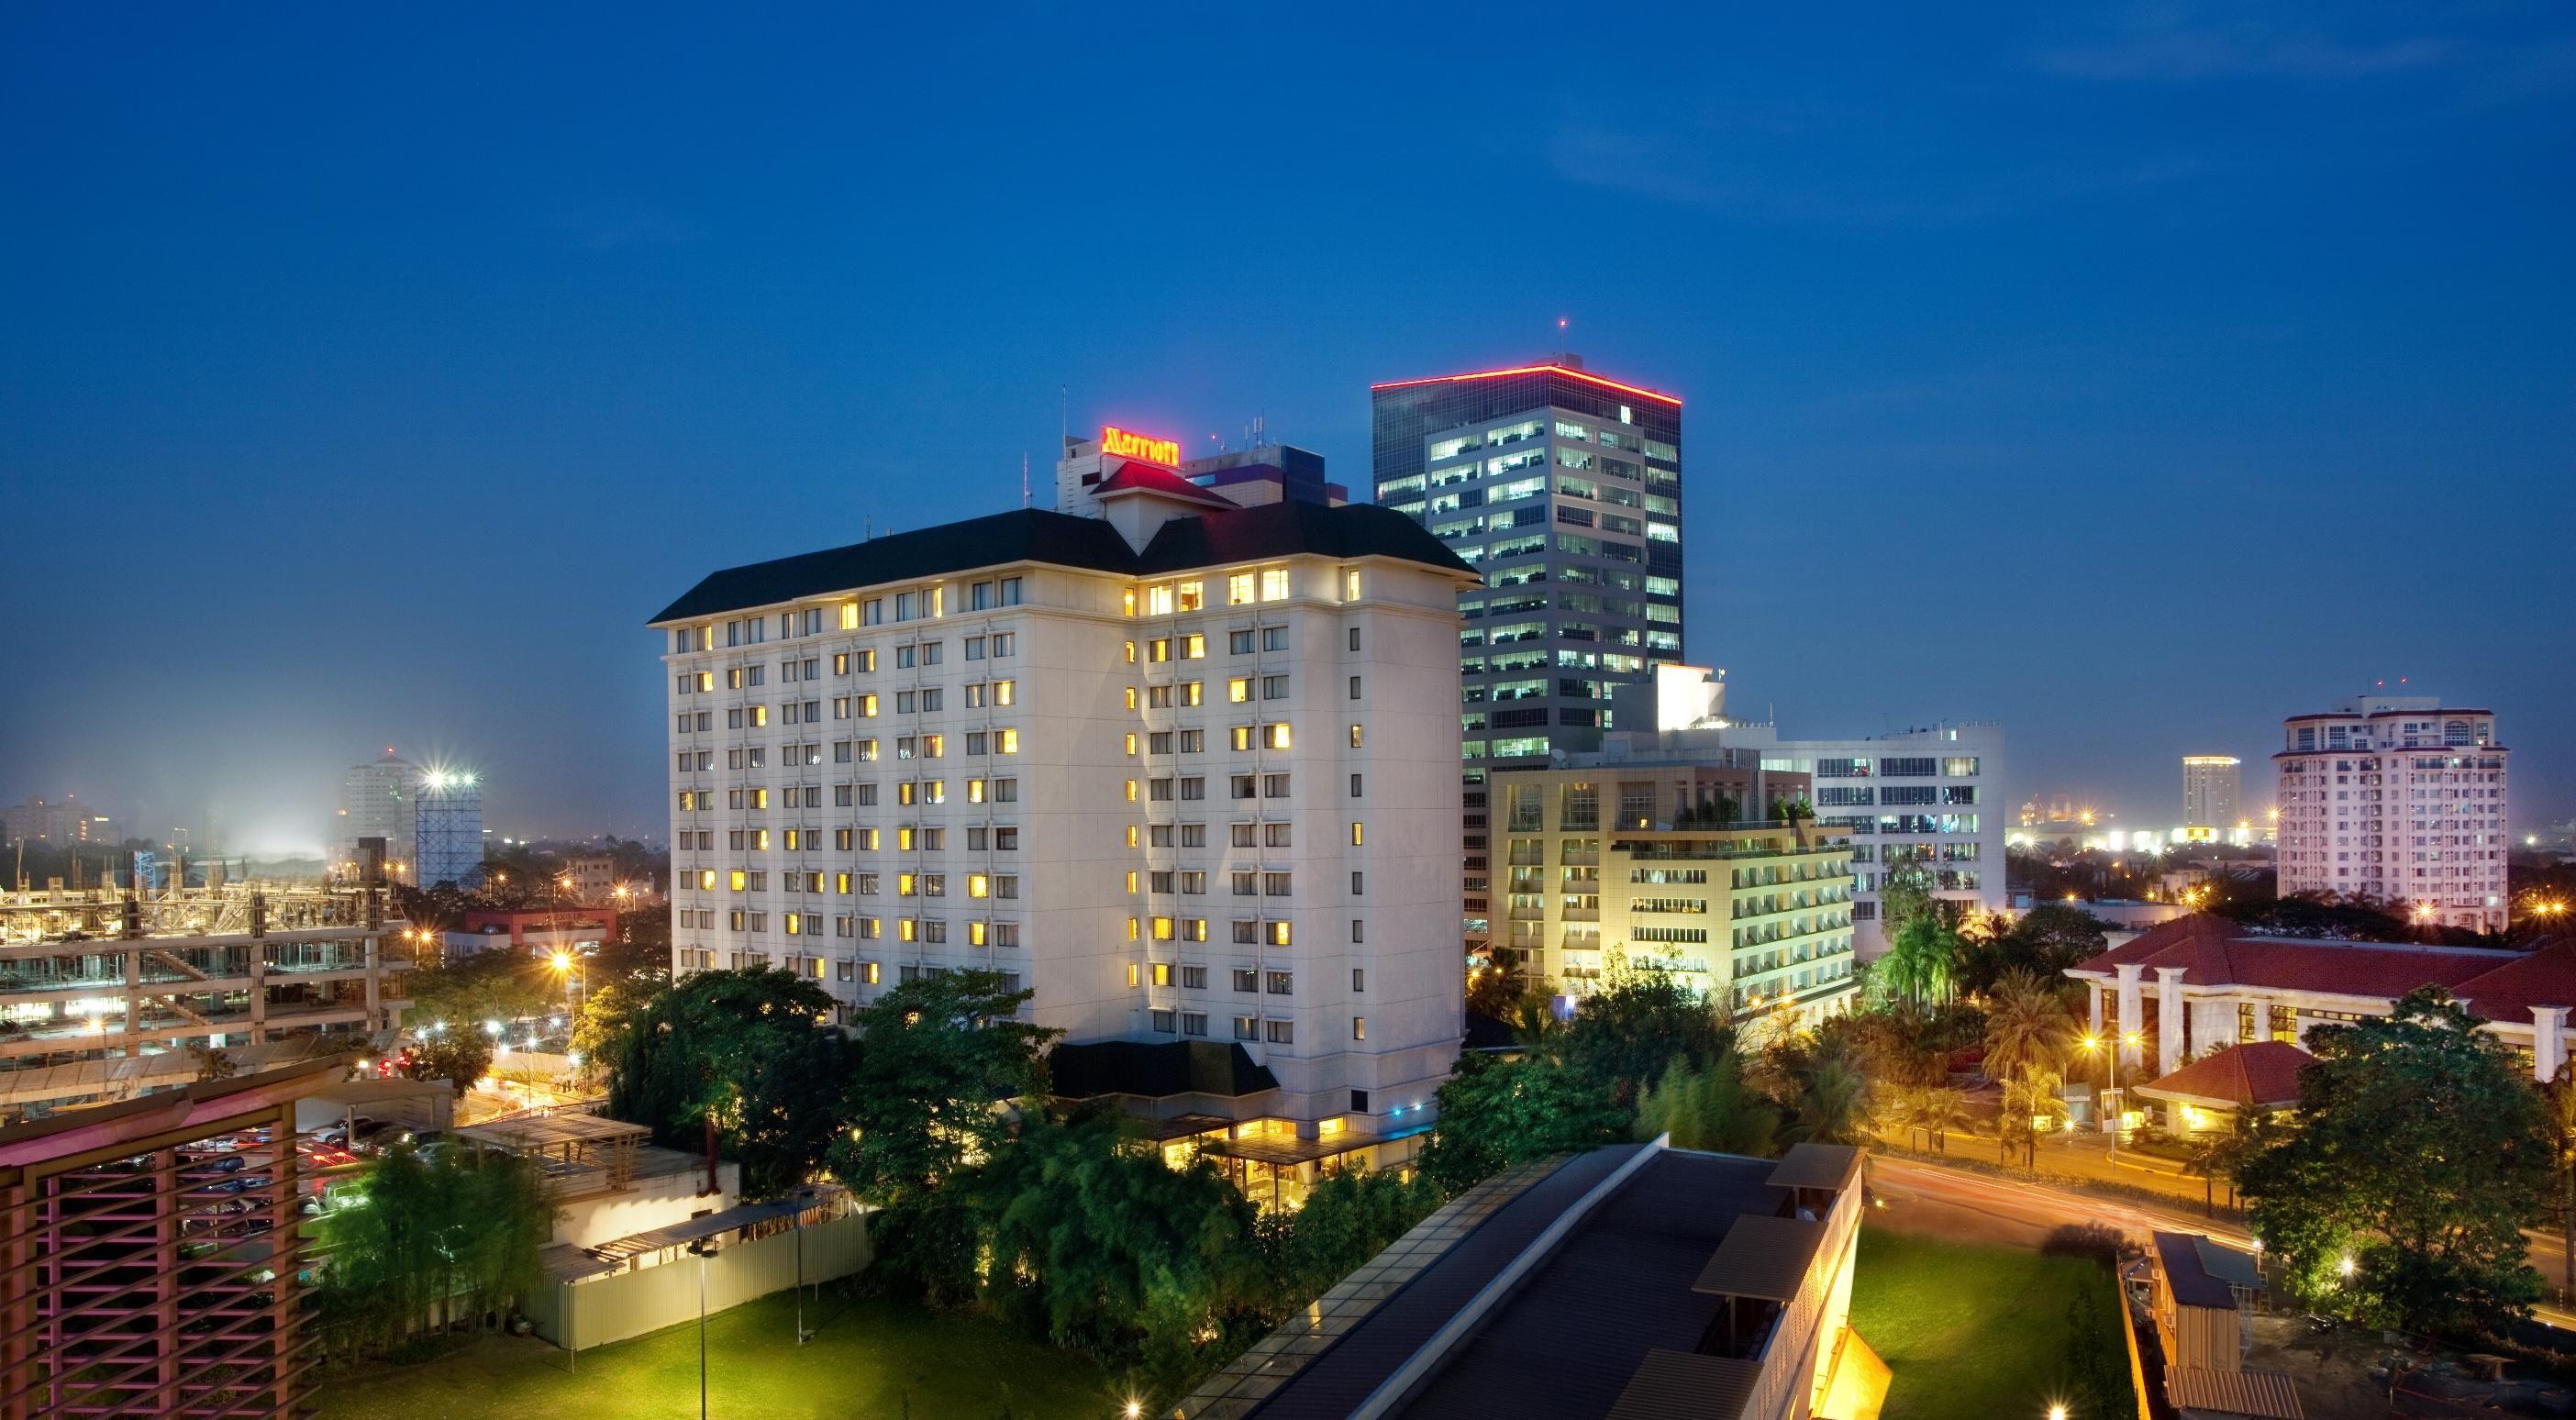 マリオット セブ シティ (Cebu City Marriott Hotel) -セブ島- 口コミ・価格比較・宿泊予約